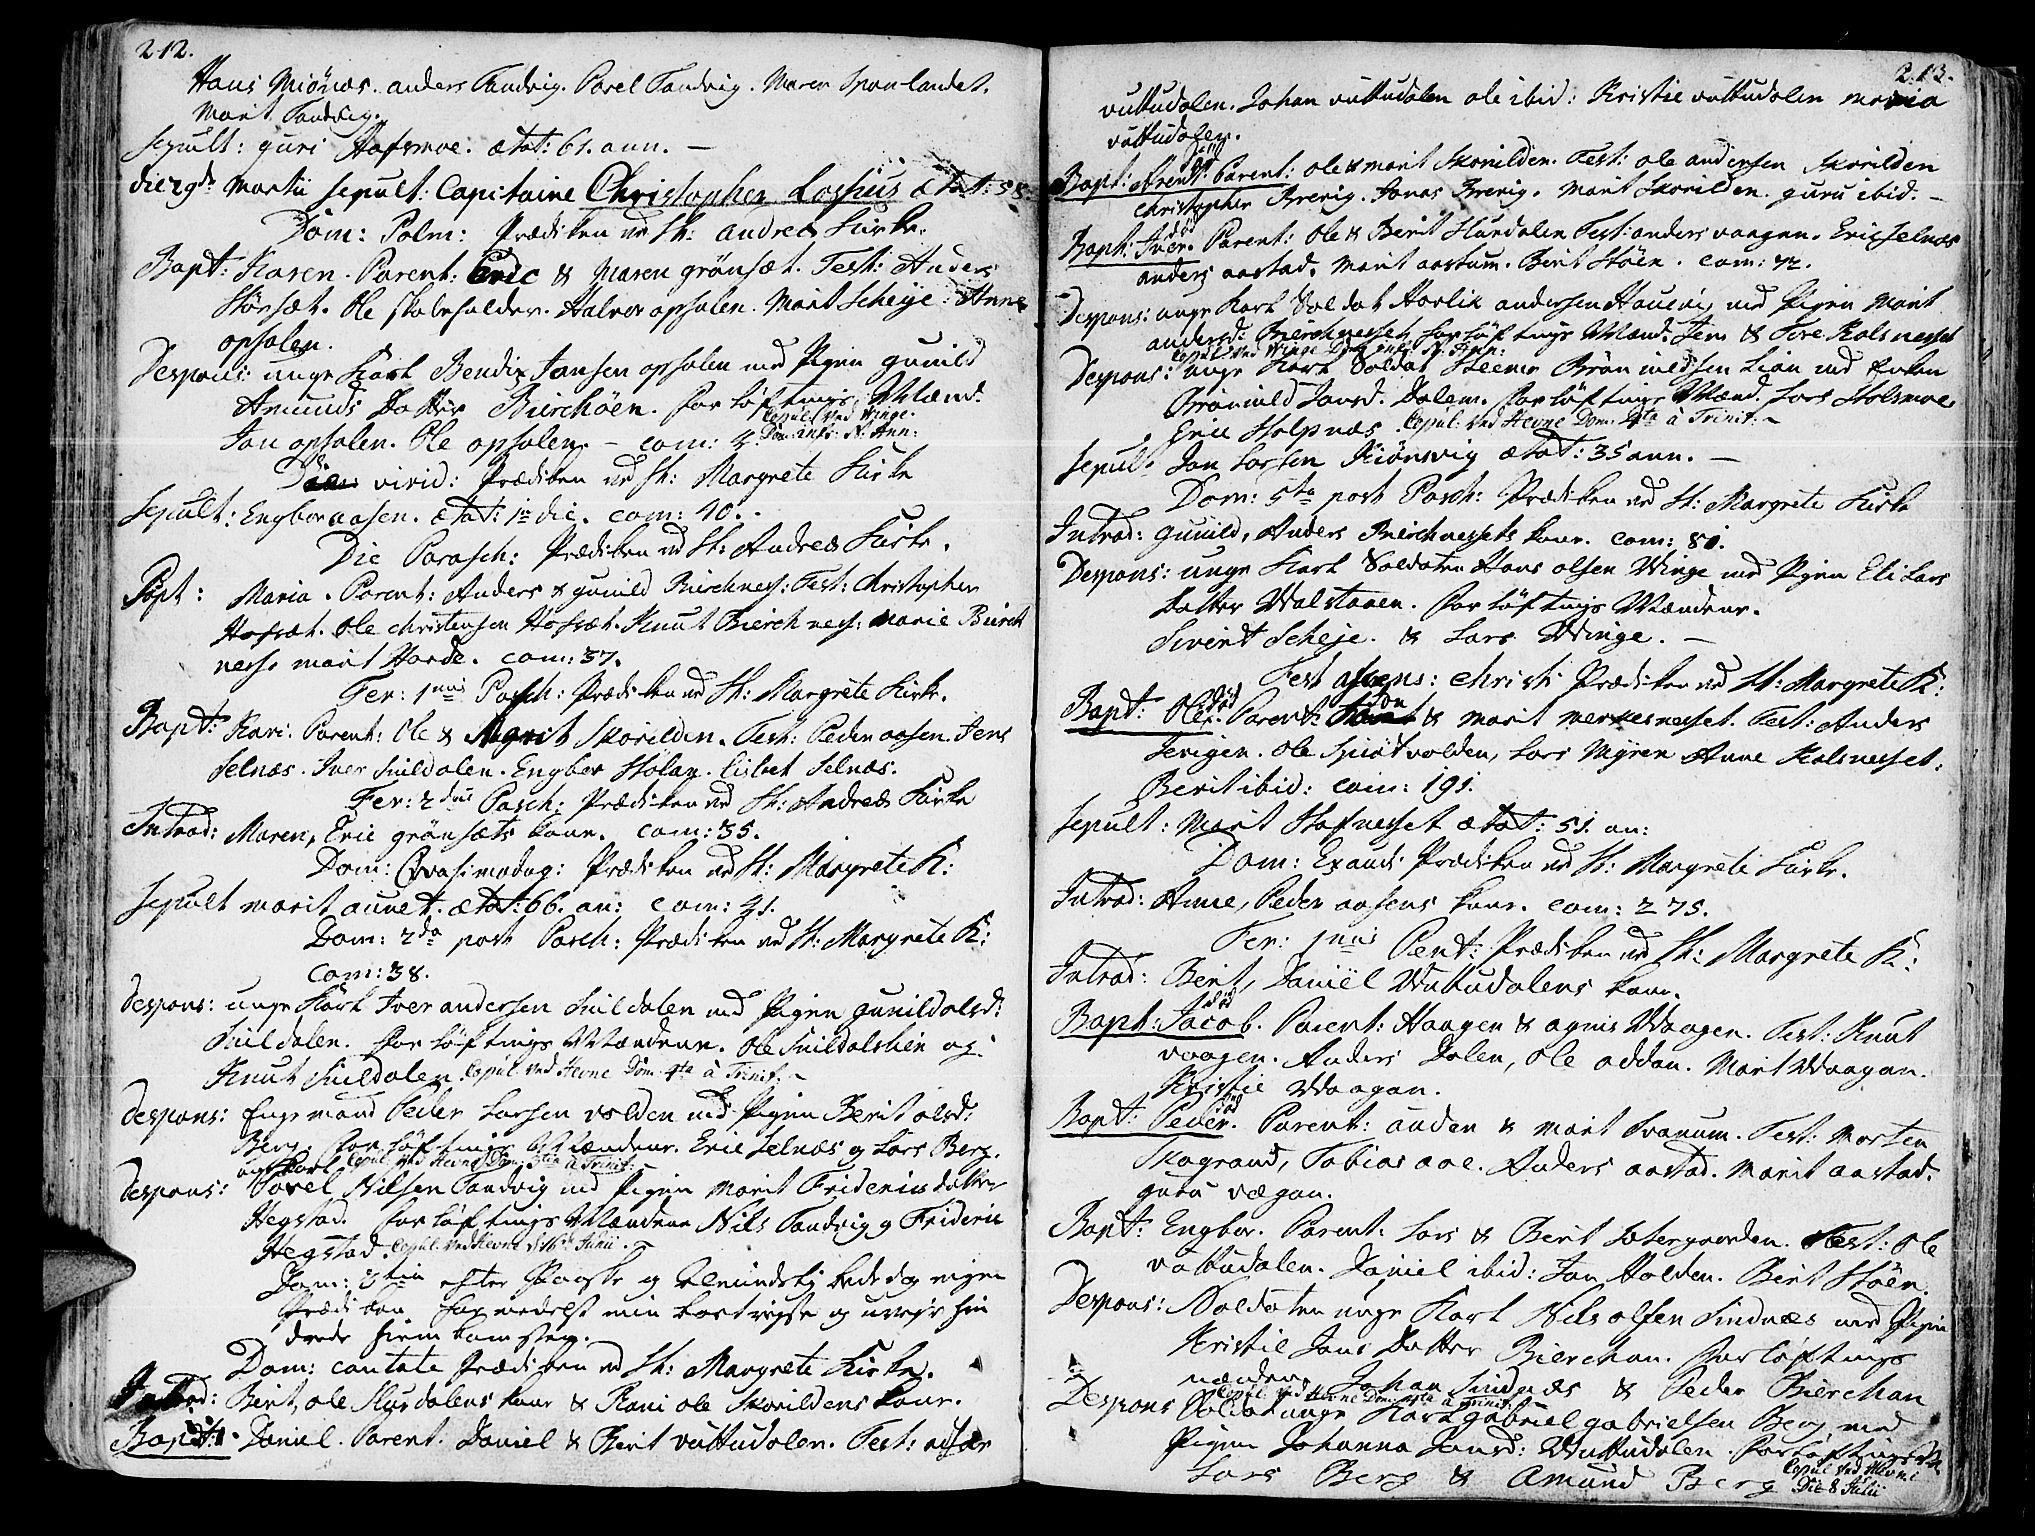 SAT, Ministerialprotokoller, klokkerbøker og fødselsregistre - Sør-Trøndelag, 630/L0489: Ministerialbok nr. 630A02, 1757-1794, s. 212-213